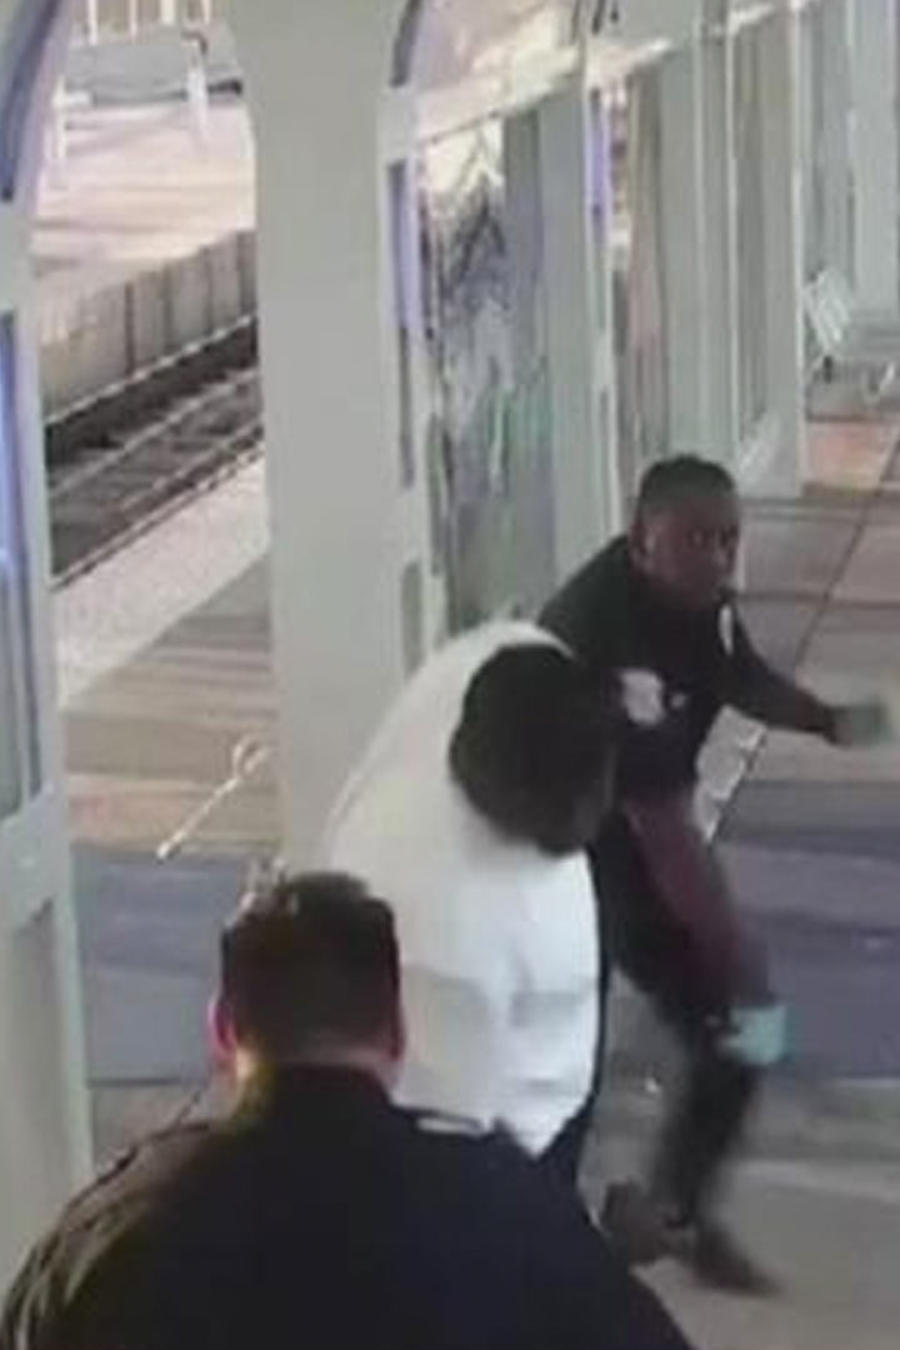 policias golpeando a desamparado en el metro